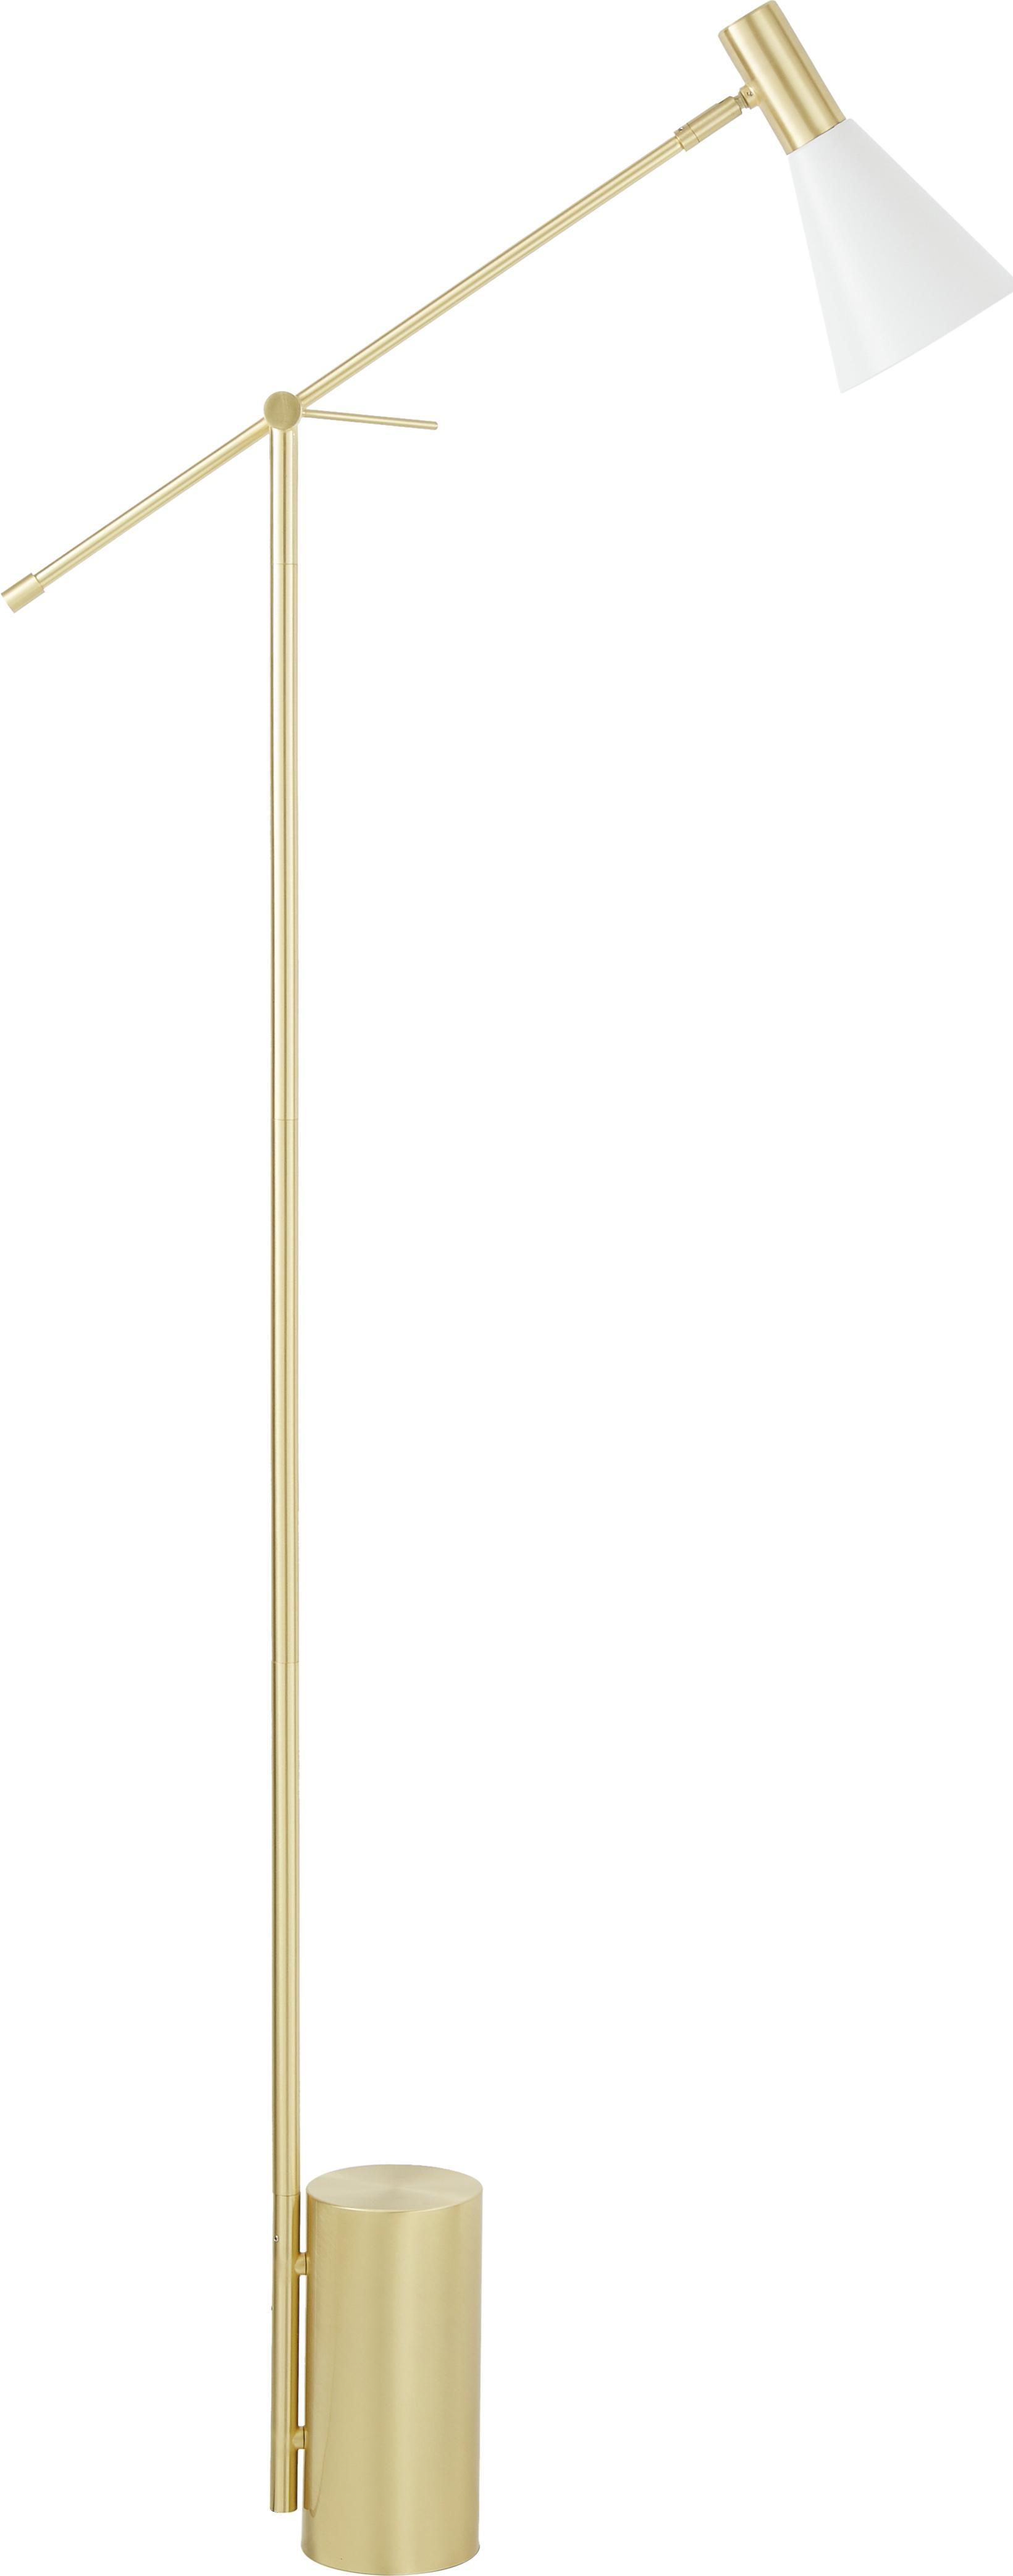 Lampada da terra Sia, Paralume: Metallo verniciato a polv, Base della lampada: Metallo ottonato, Bianco, ottonato, Ø 14 x Alt. 162 cm